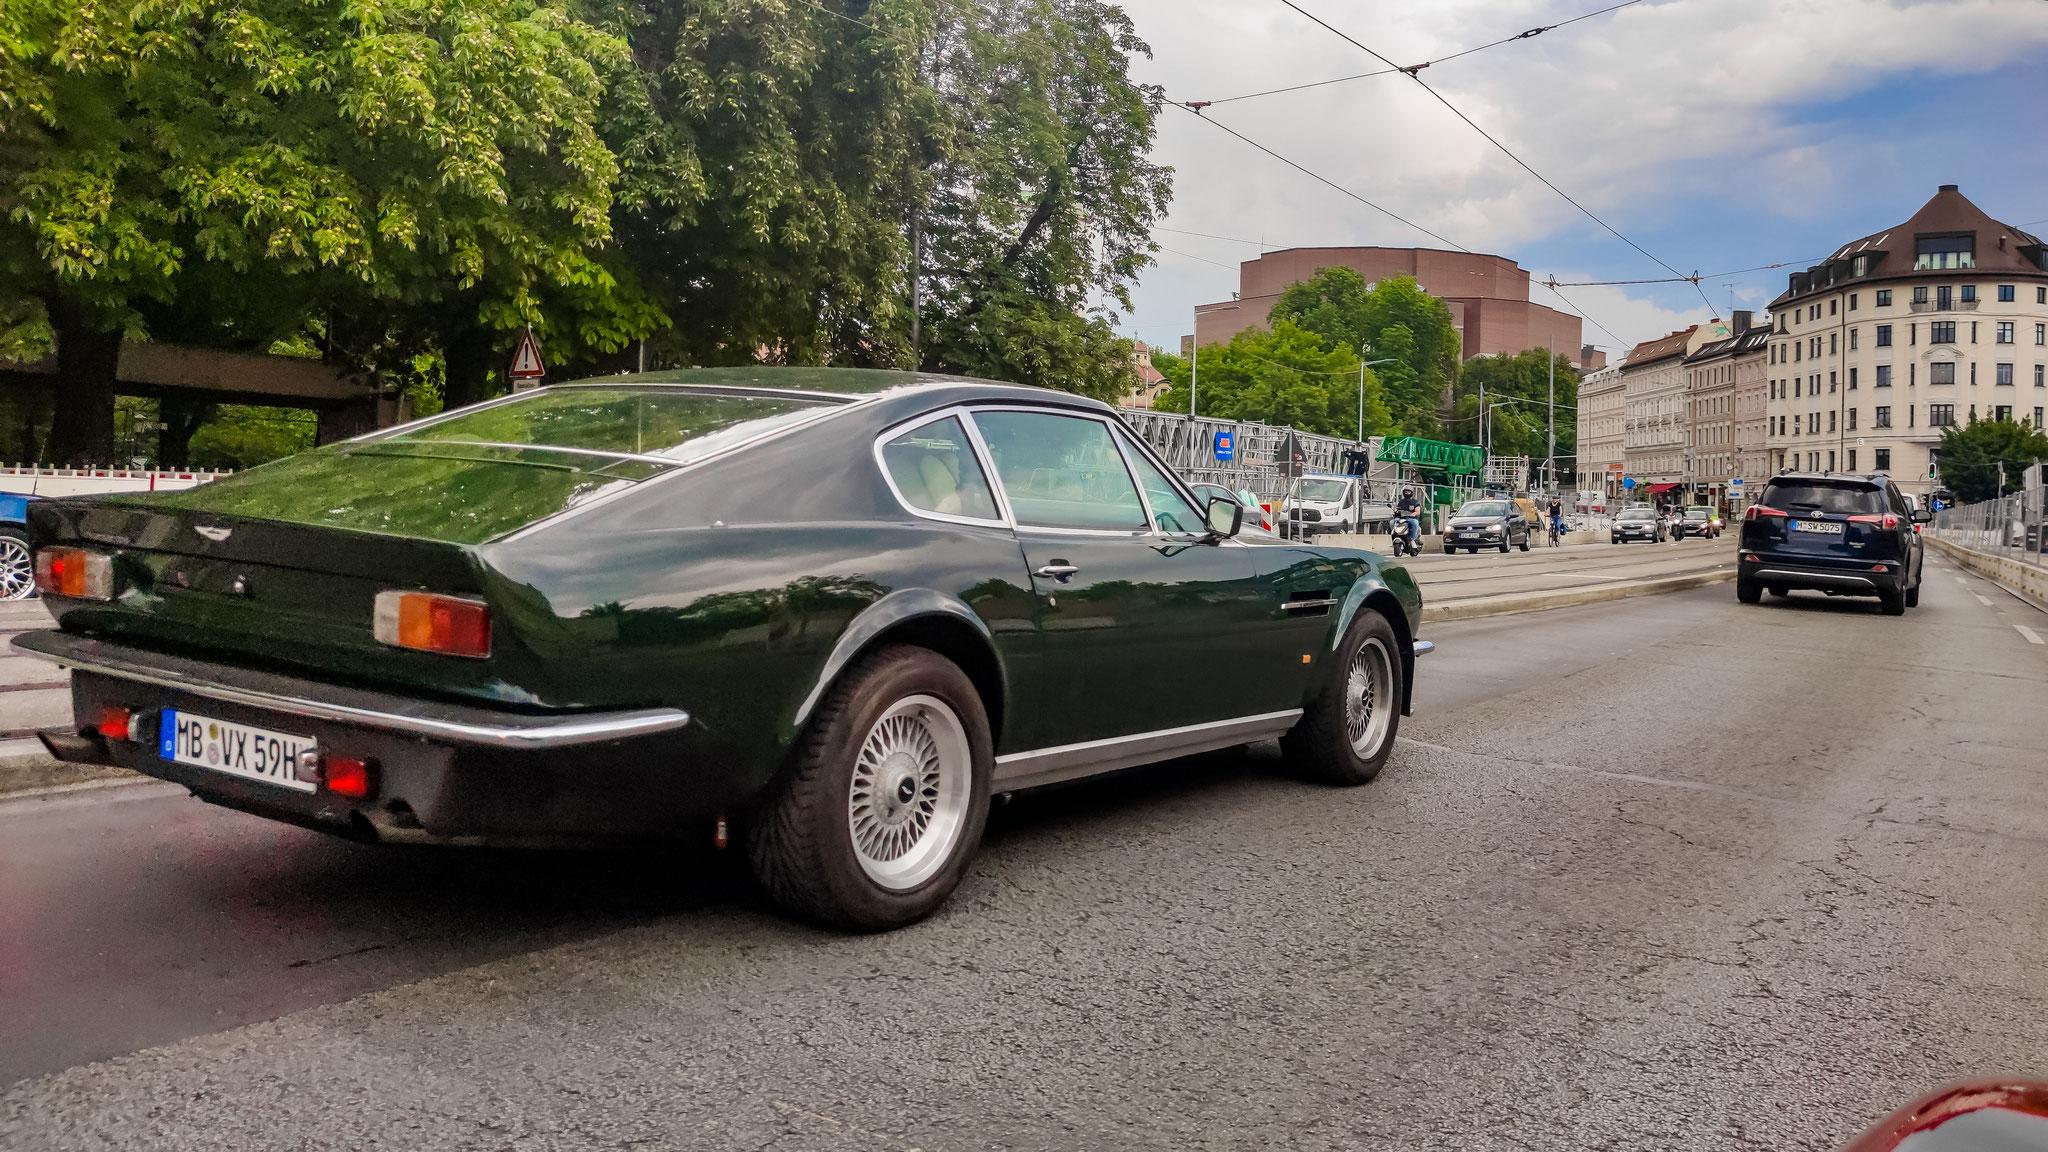 Aston Martin V8 Vantage - MB-VX-59H